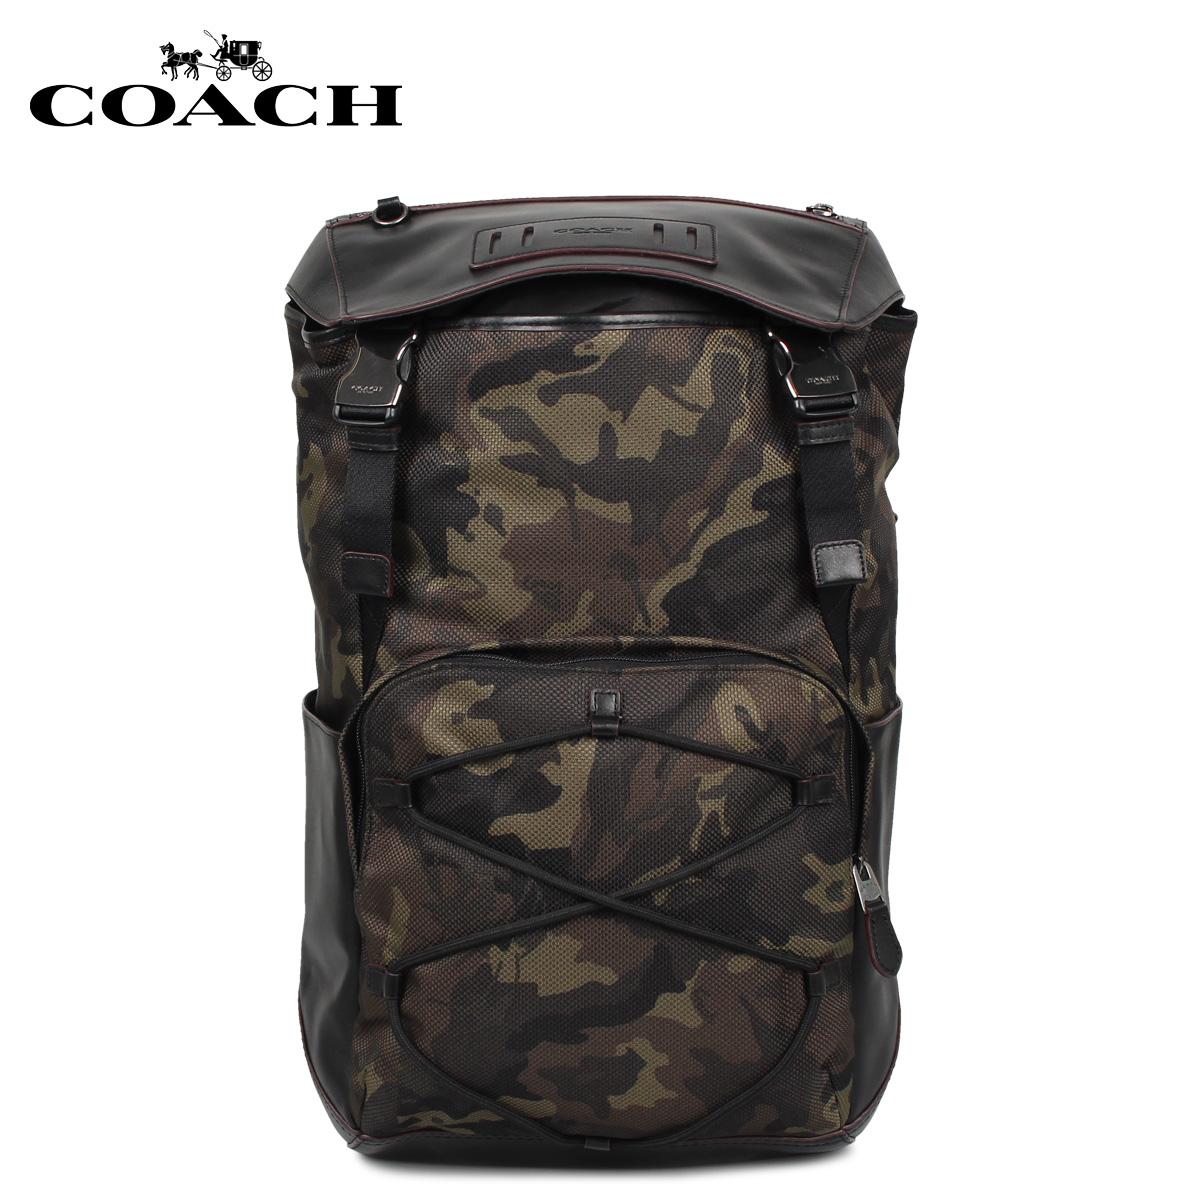 COACH コーチ バッグ リュック バッグパック メンズ カモフラージュ F76786